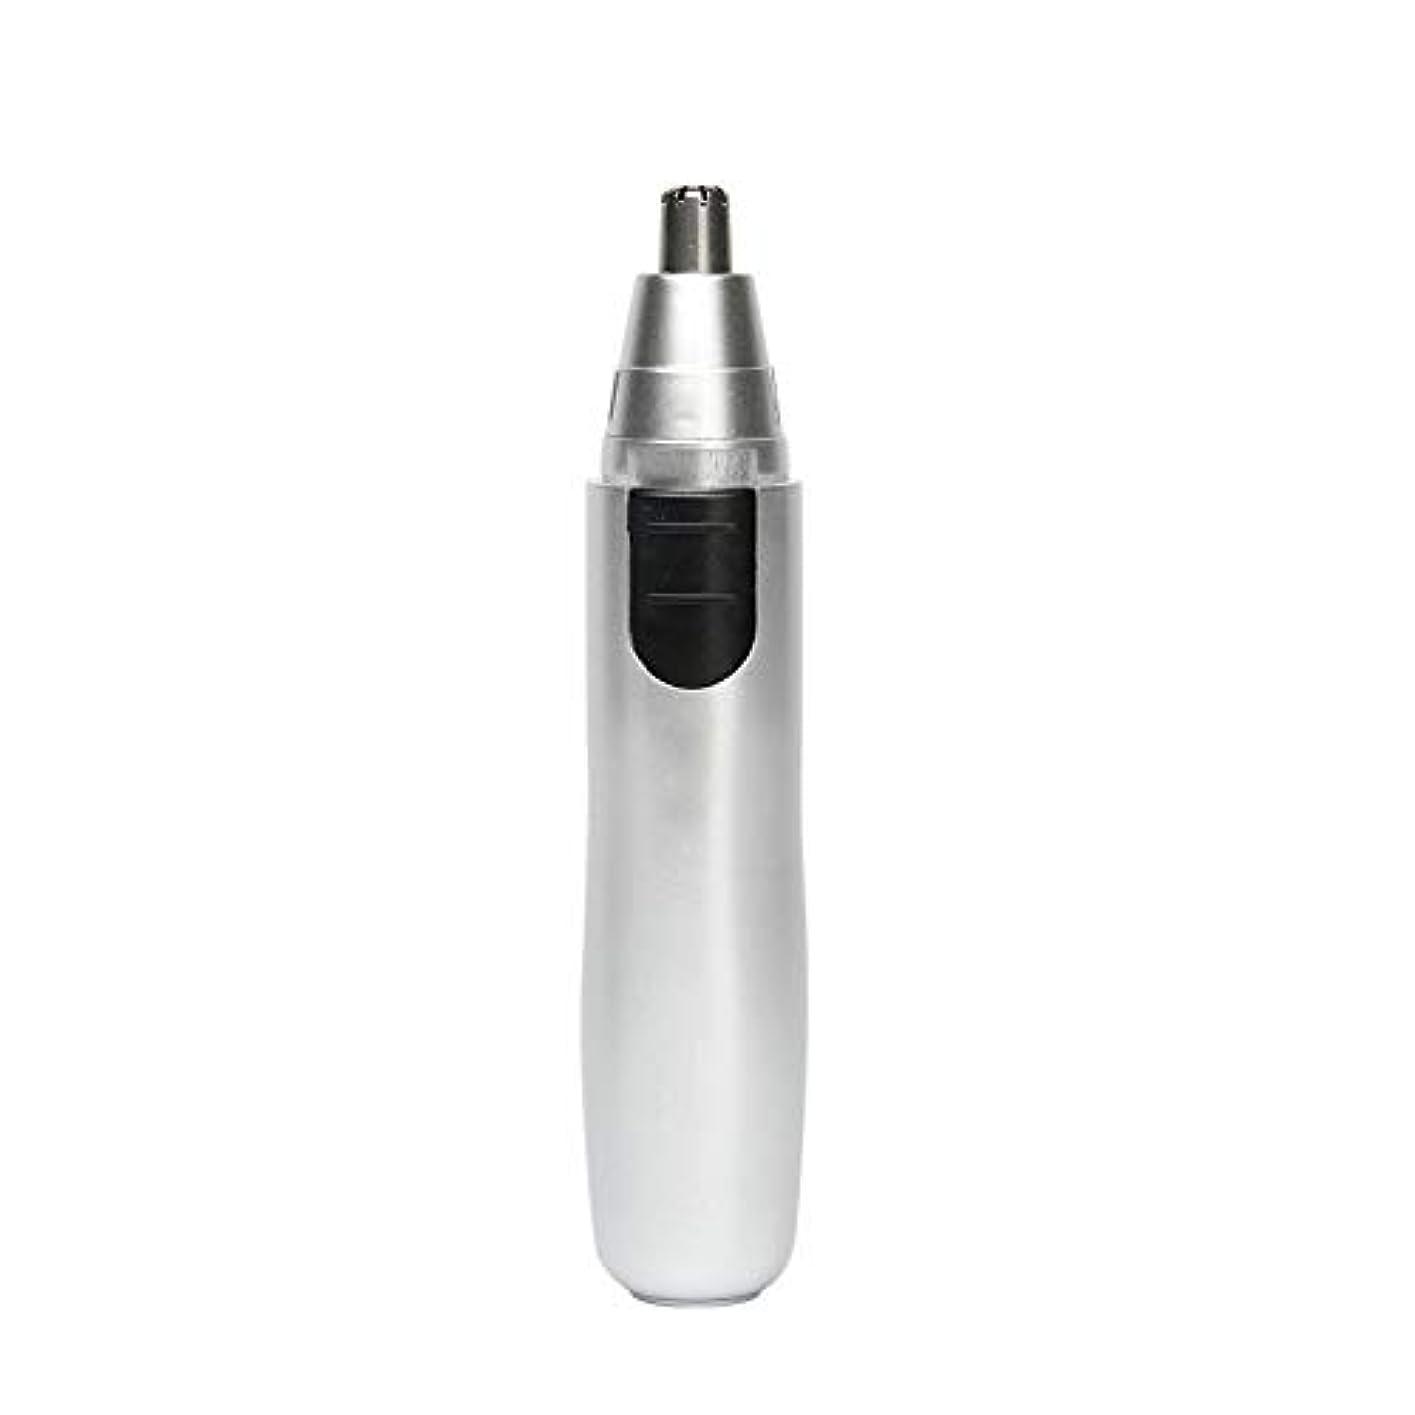 男性の耳の毛と鼻毛のトリマー、電気シェーバー防水フェイシャルトリマー鼻の鼻毛掃除機システム